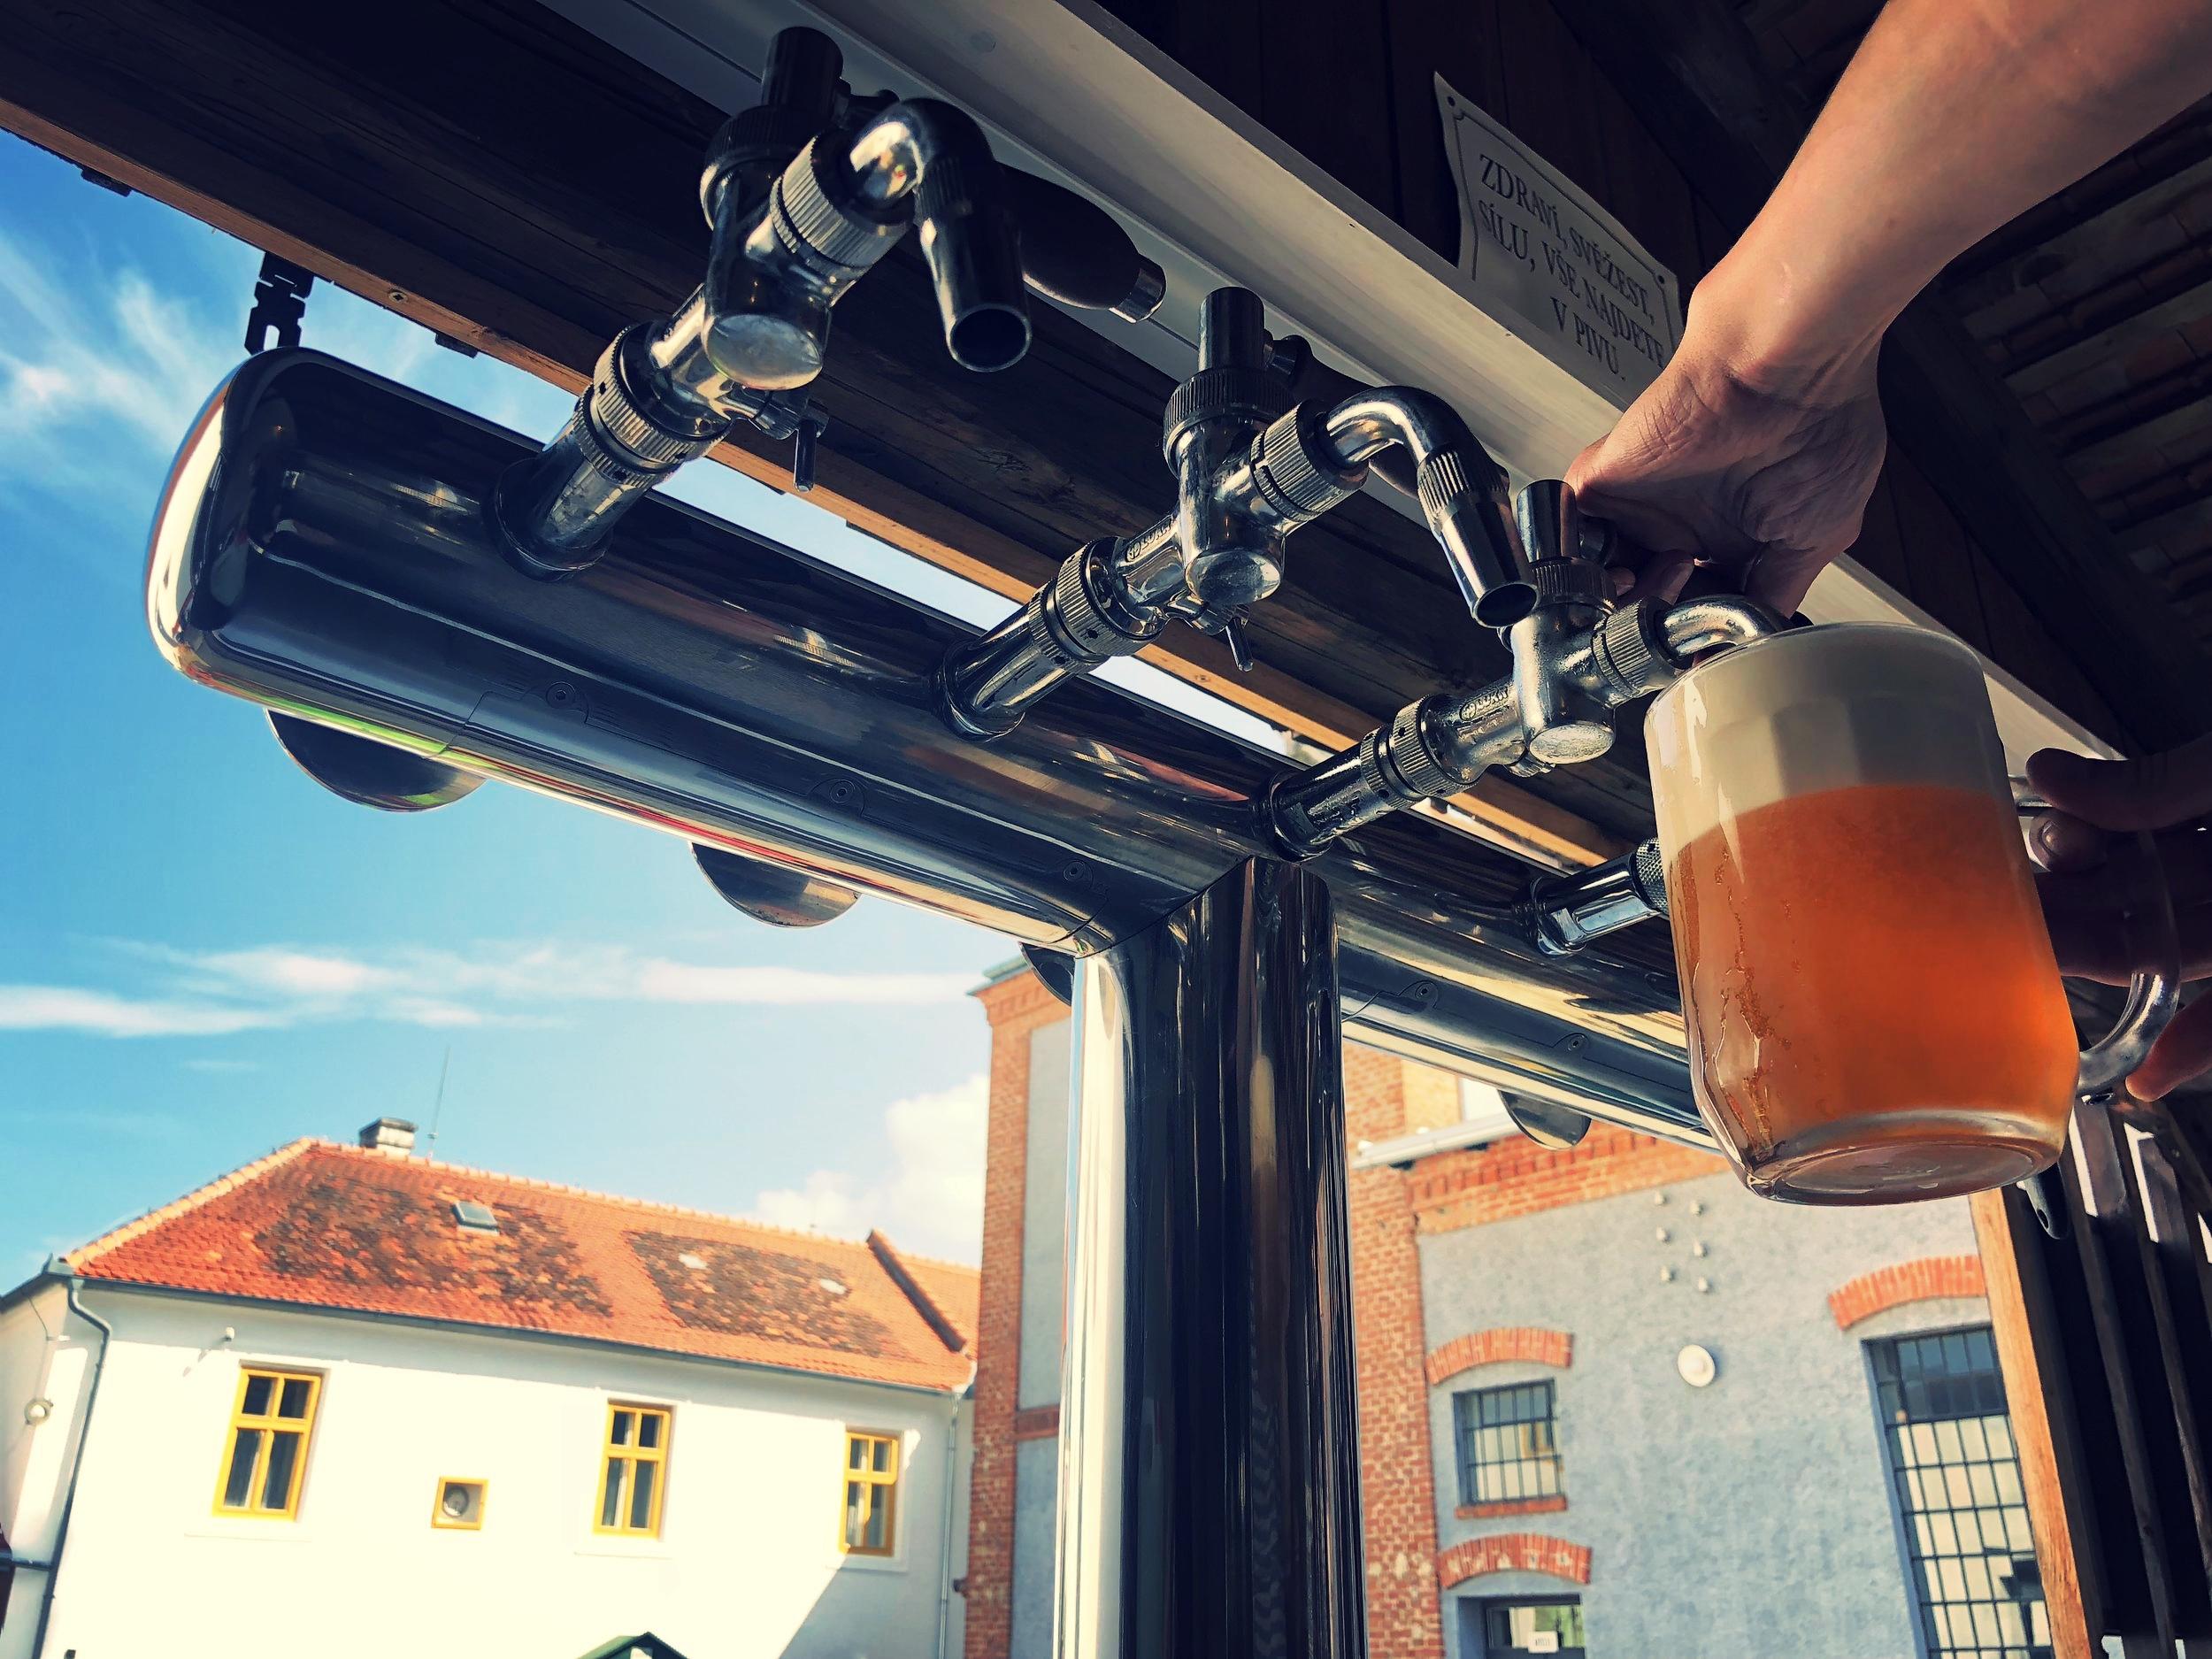 LETOŠNÍ SEZÓNA UKONČENA, TĚŠÍME SE NA DALŠÍ! - Pivovarská restaurace v provozu celoročně, přijeďte ;-)